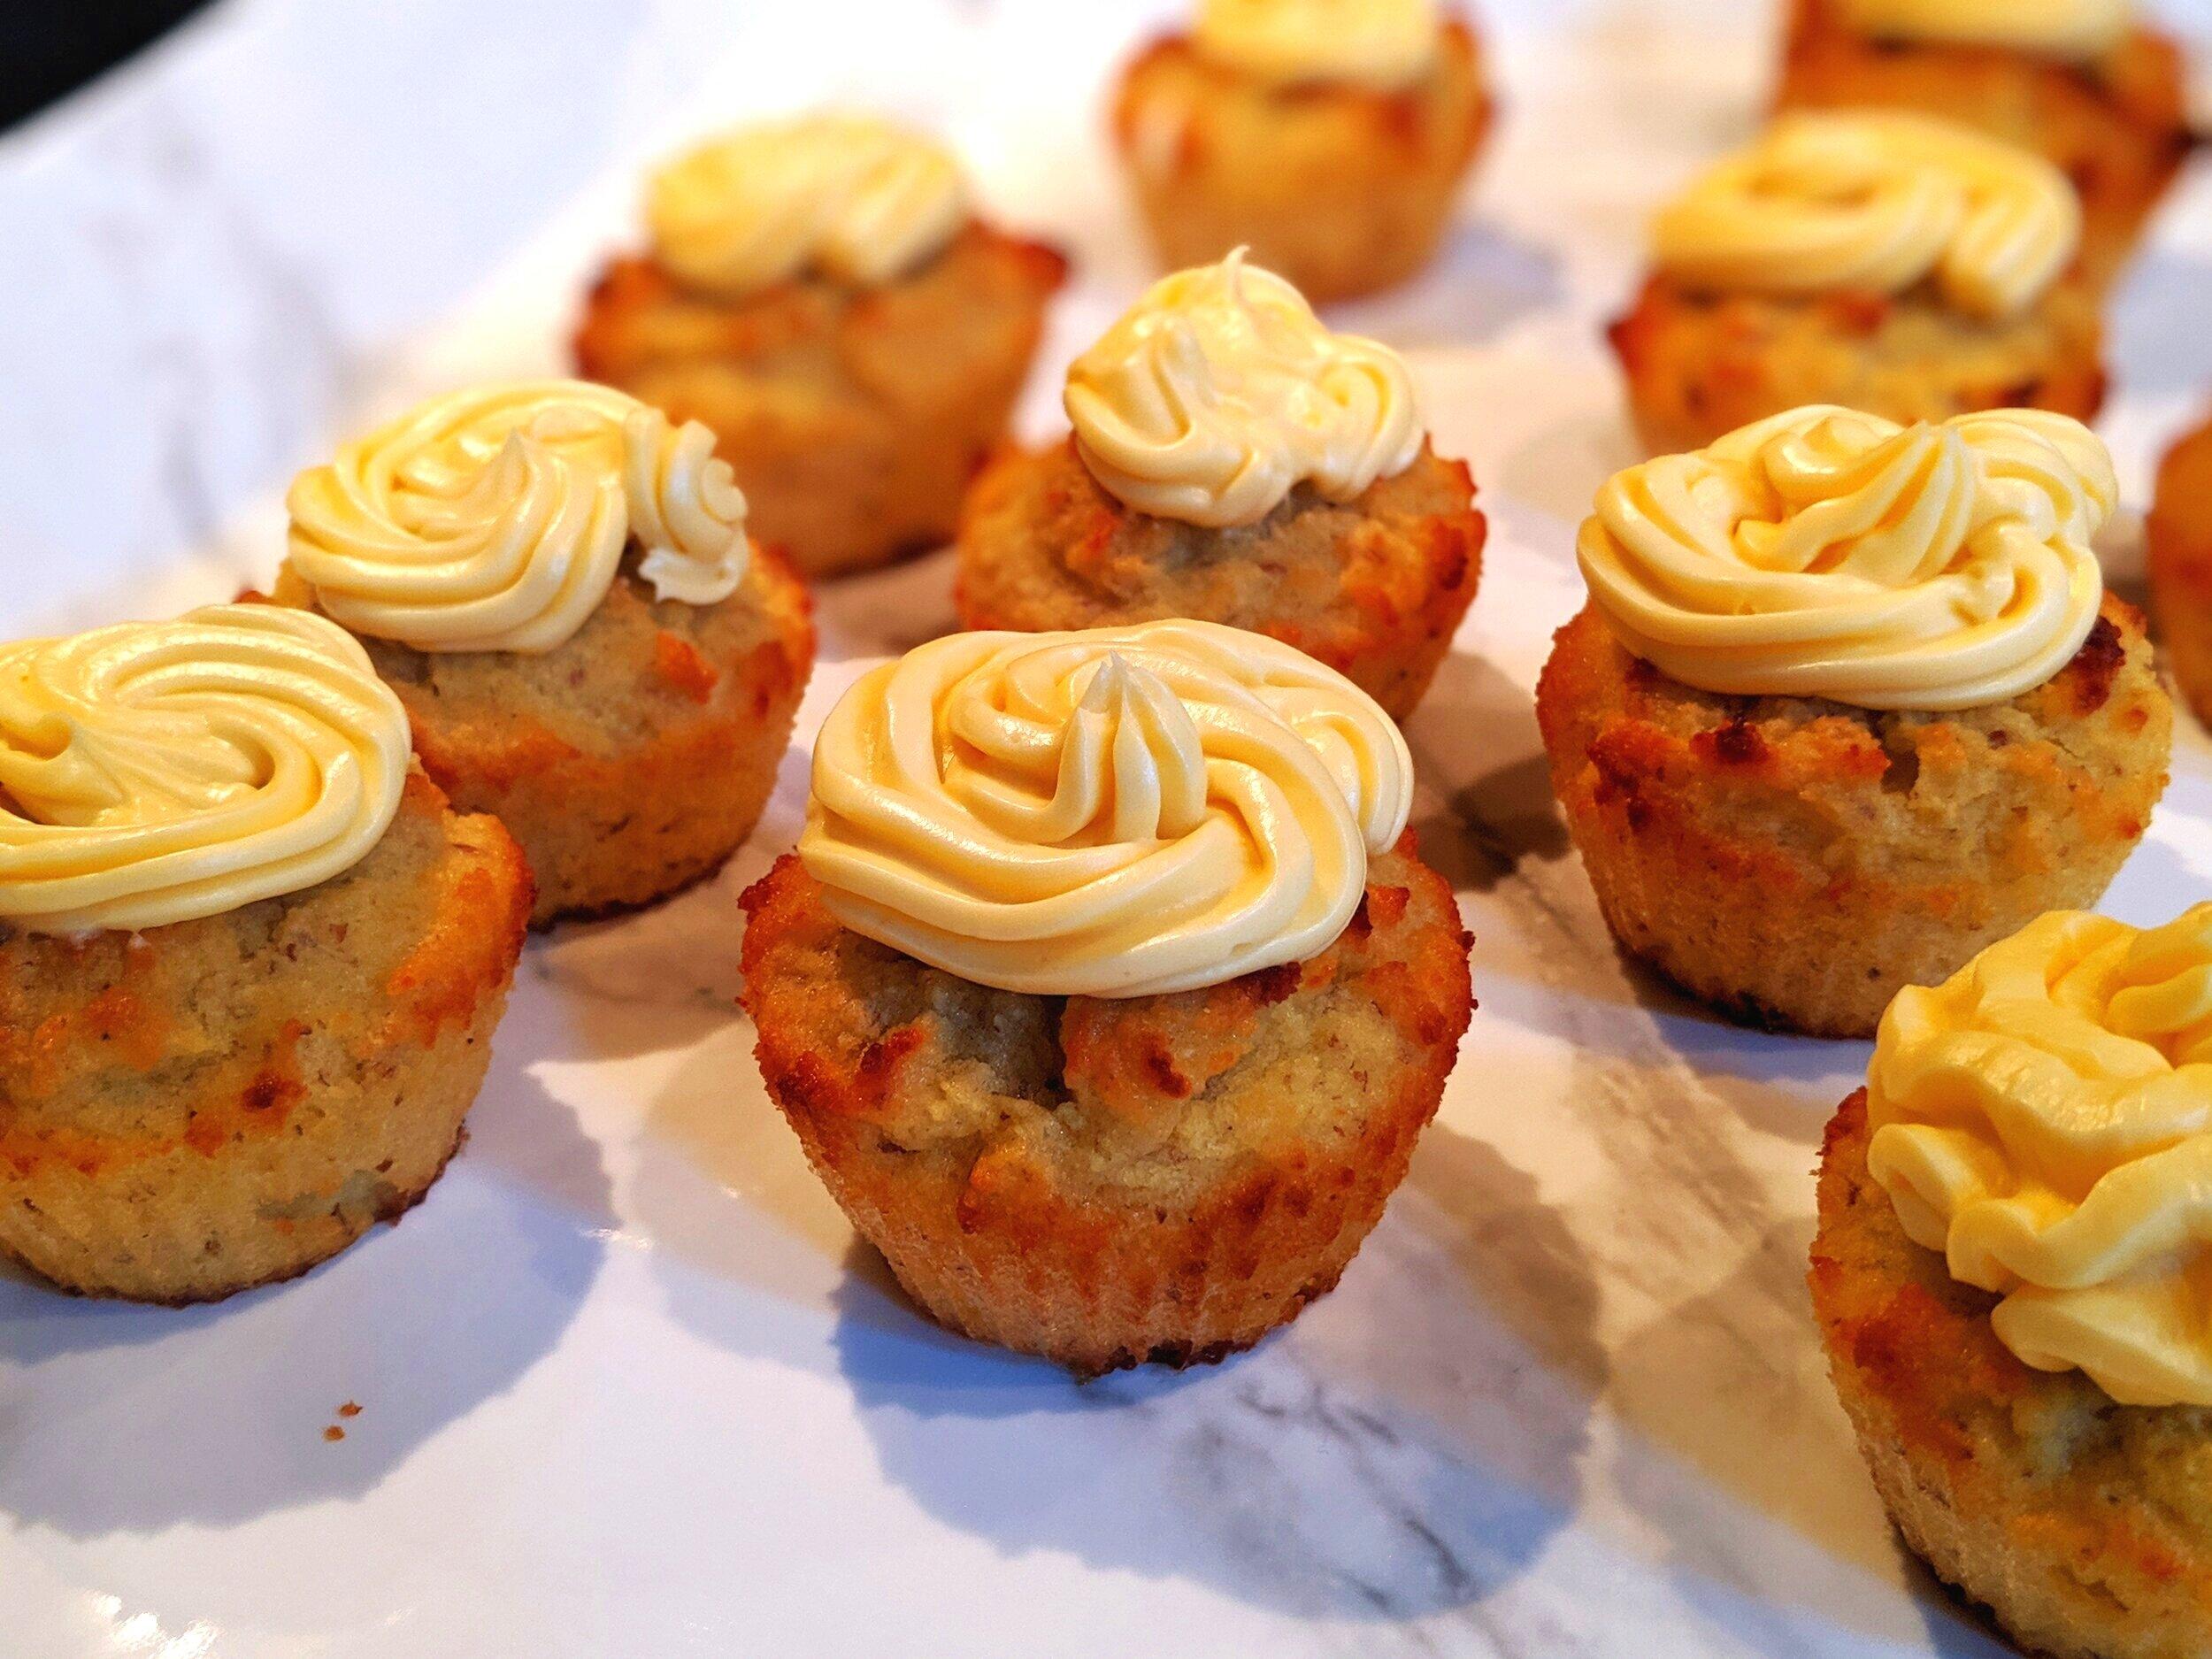 ChipMonk+Baking+Keto+Low+Carb+Gluten+Free+Vanilla+Cupcakes+%2815%29.jpg